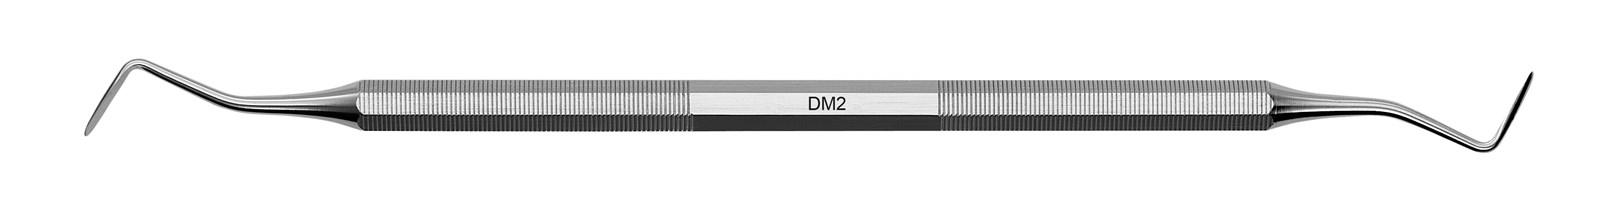 Lžičkové dlátko - DM2, ADEP světle zelený